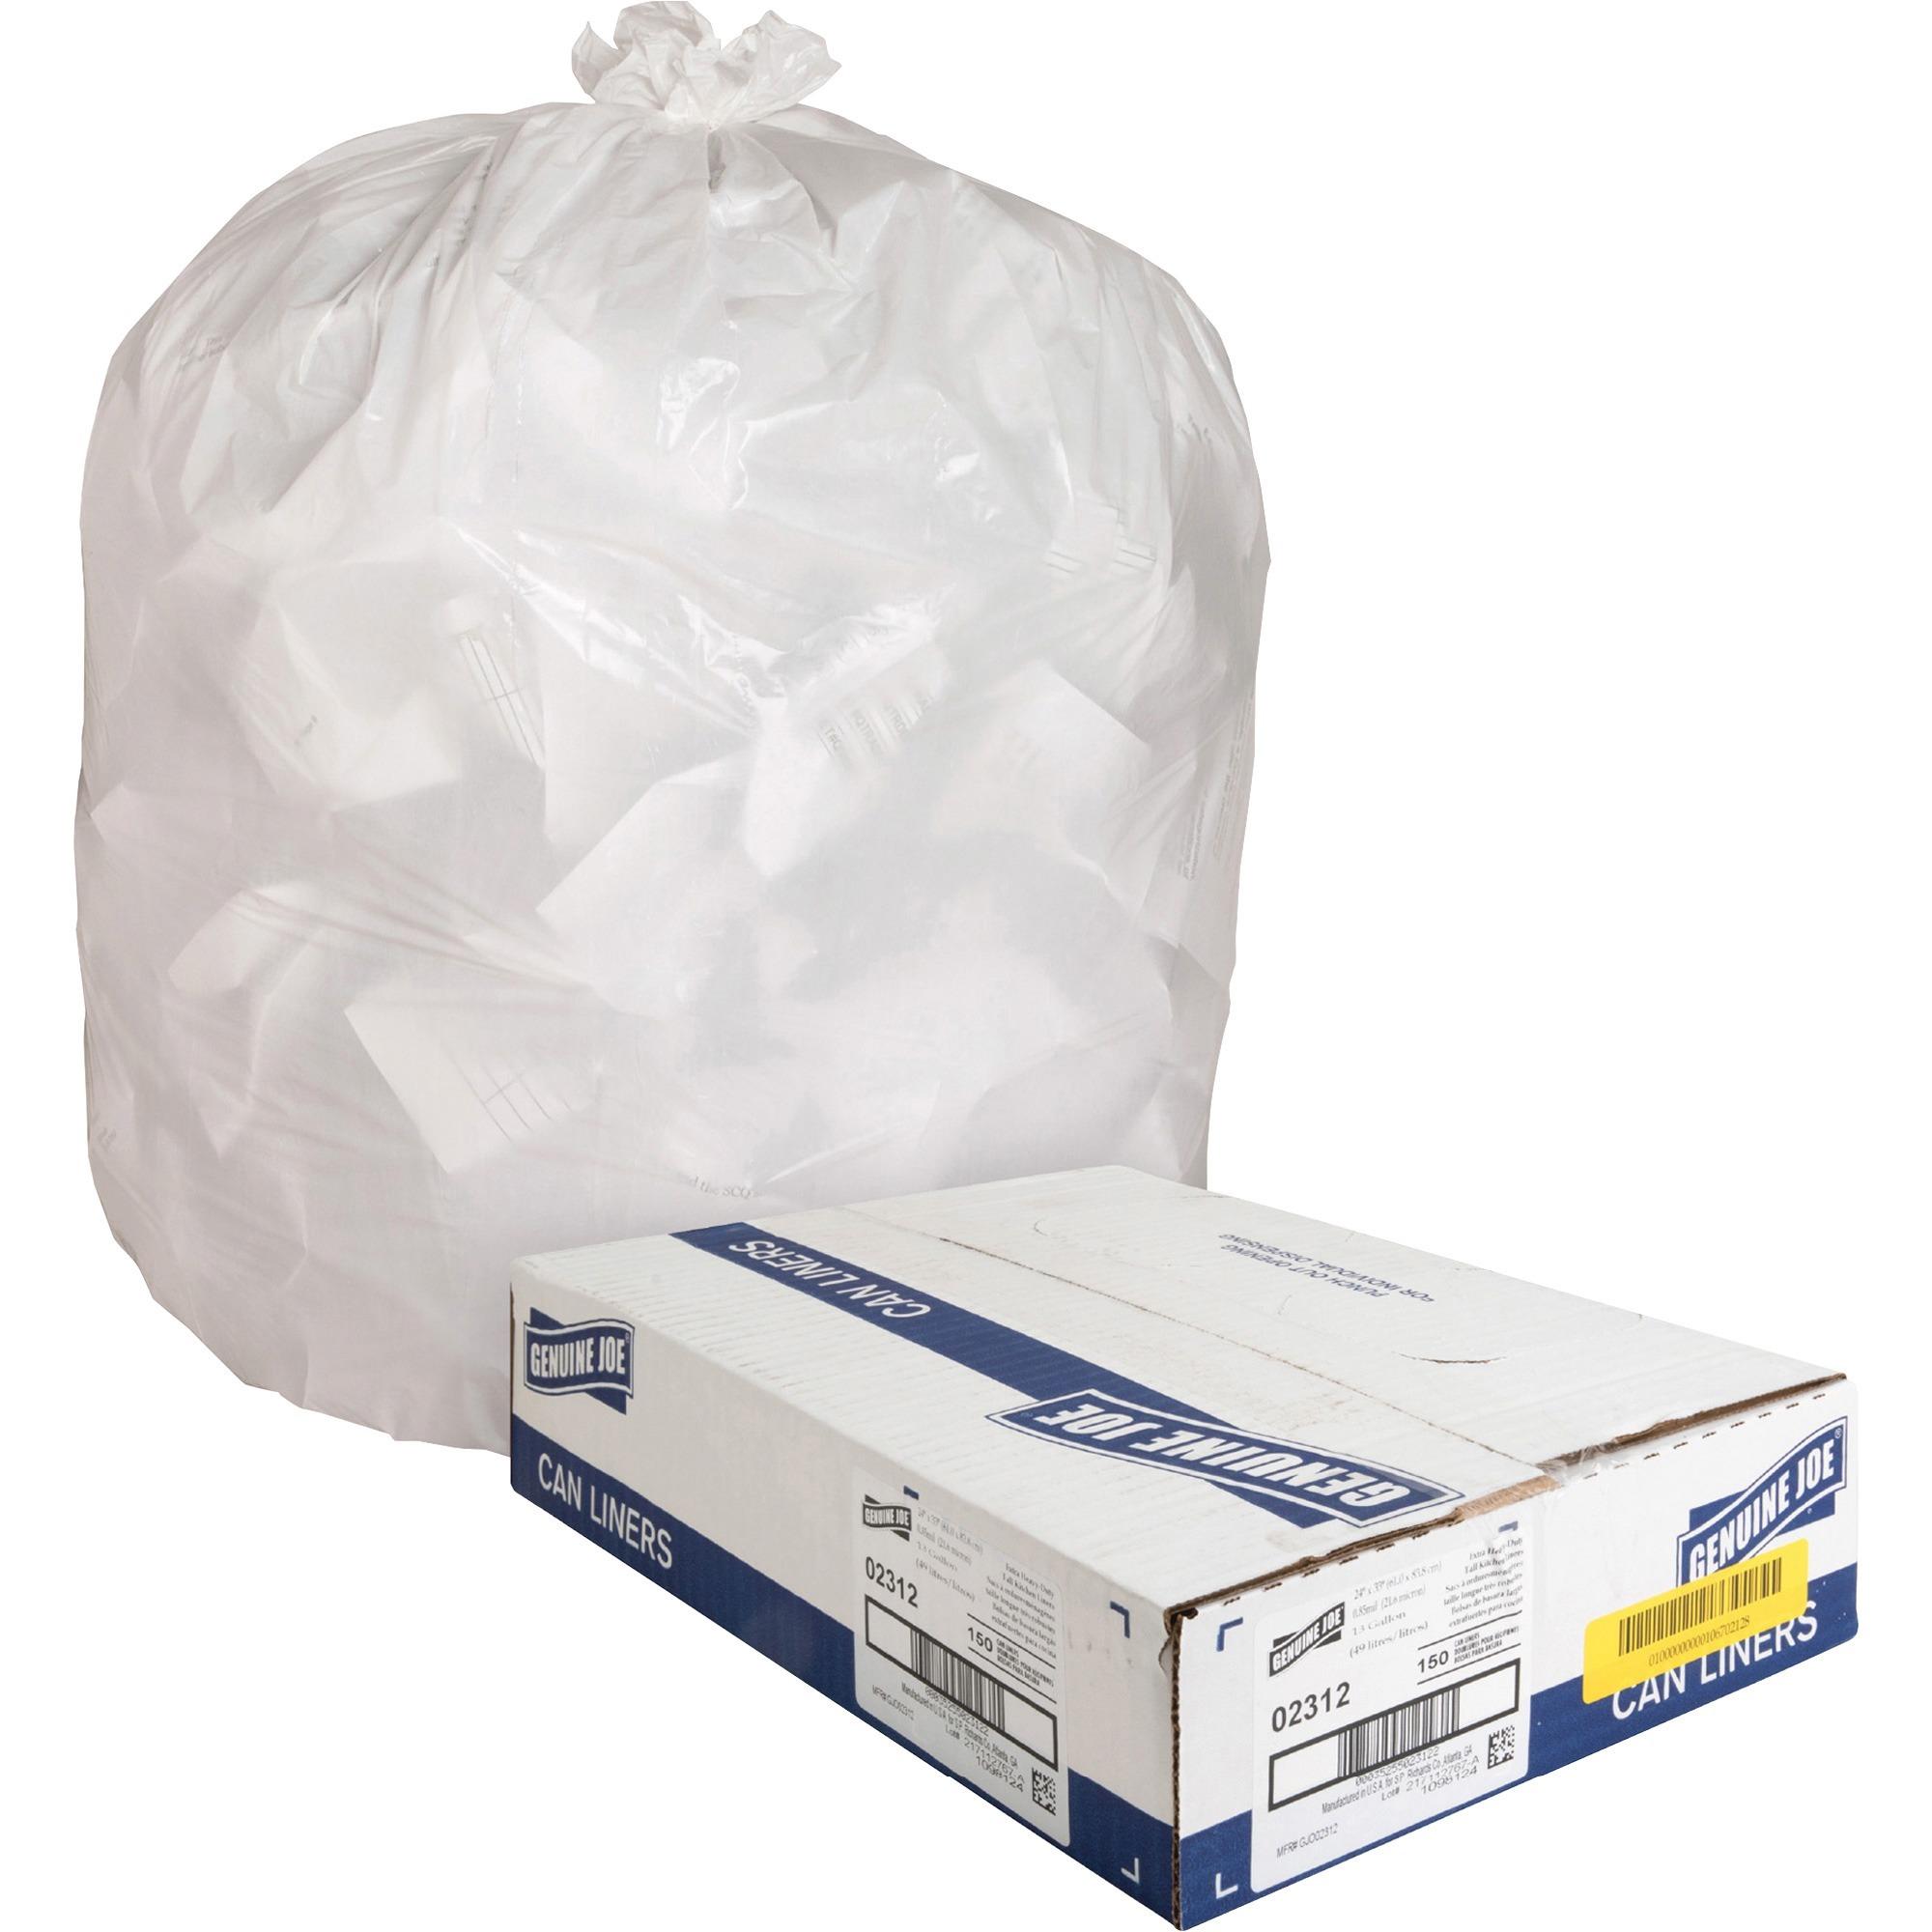 Genuine Joe Heavy Duty Tall Kitchen Trash Bags Gjo02312